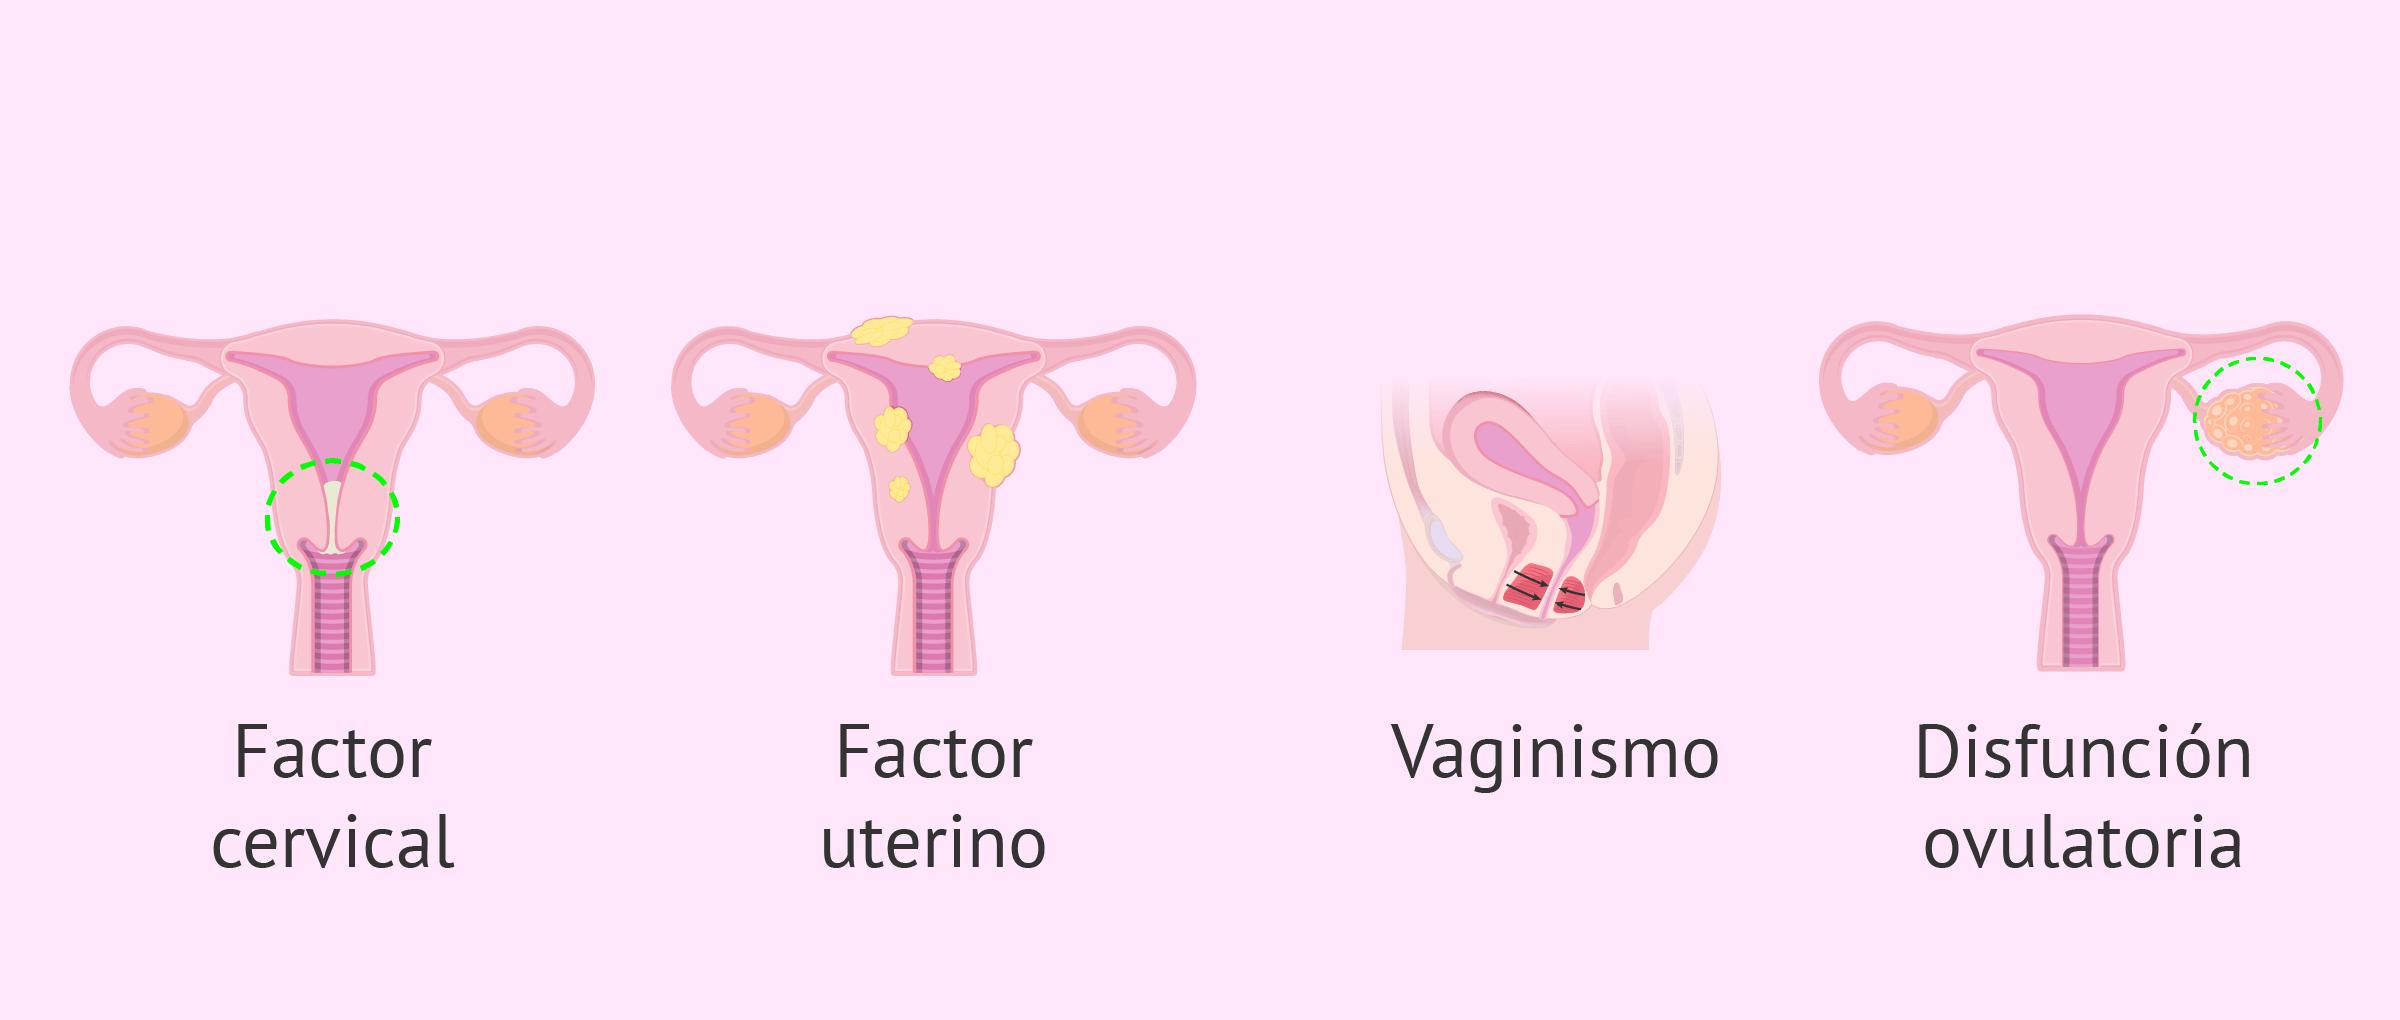 Indicaciones de la IAC por esterilidad femenina